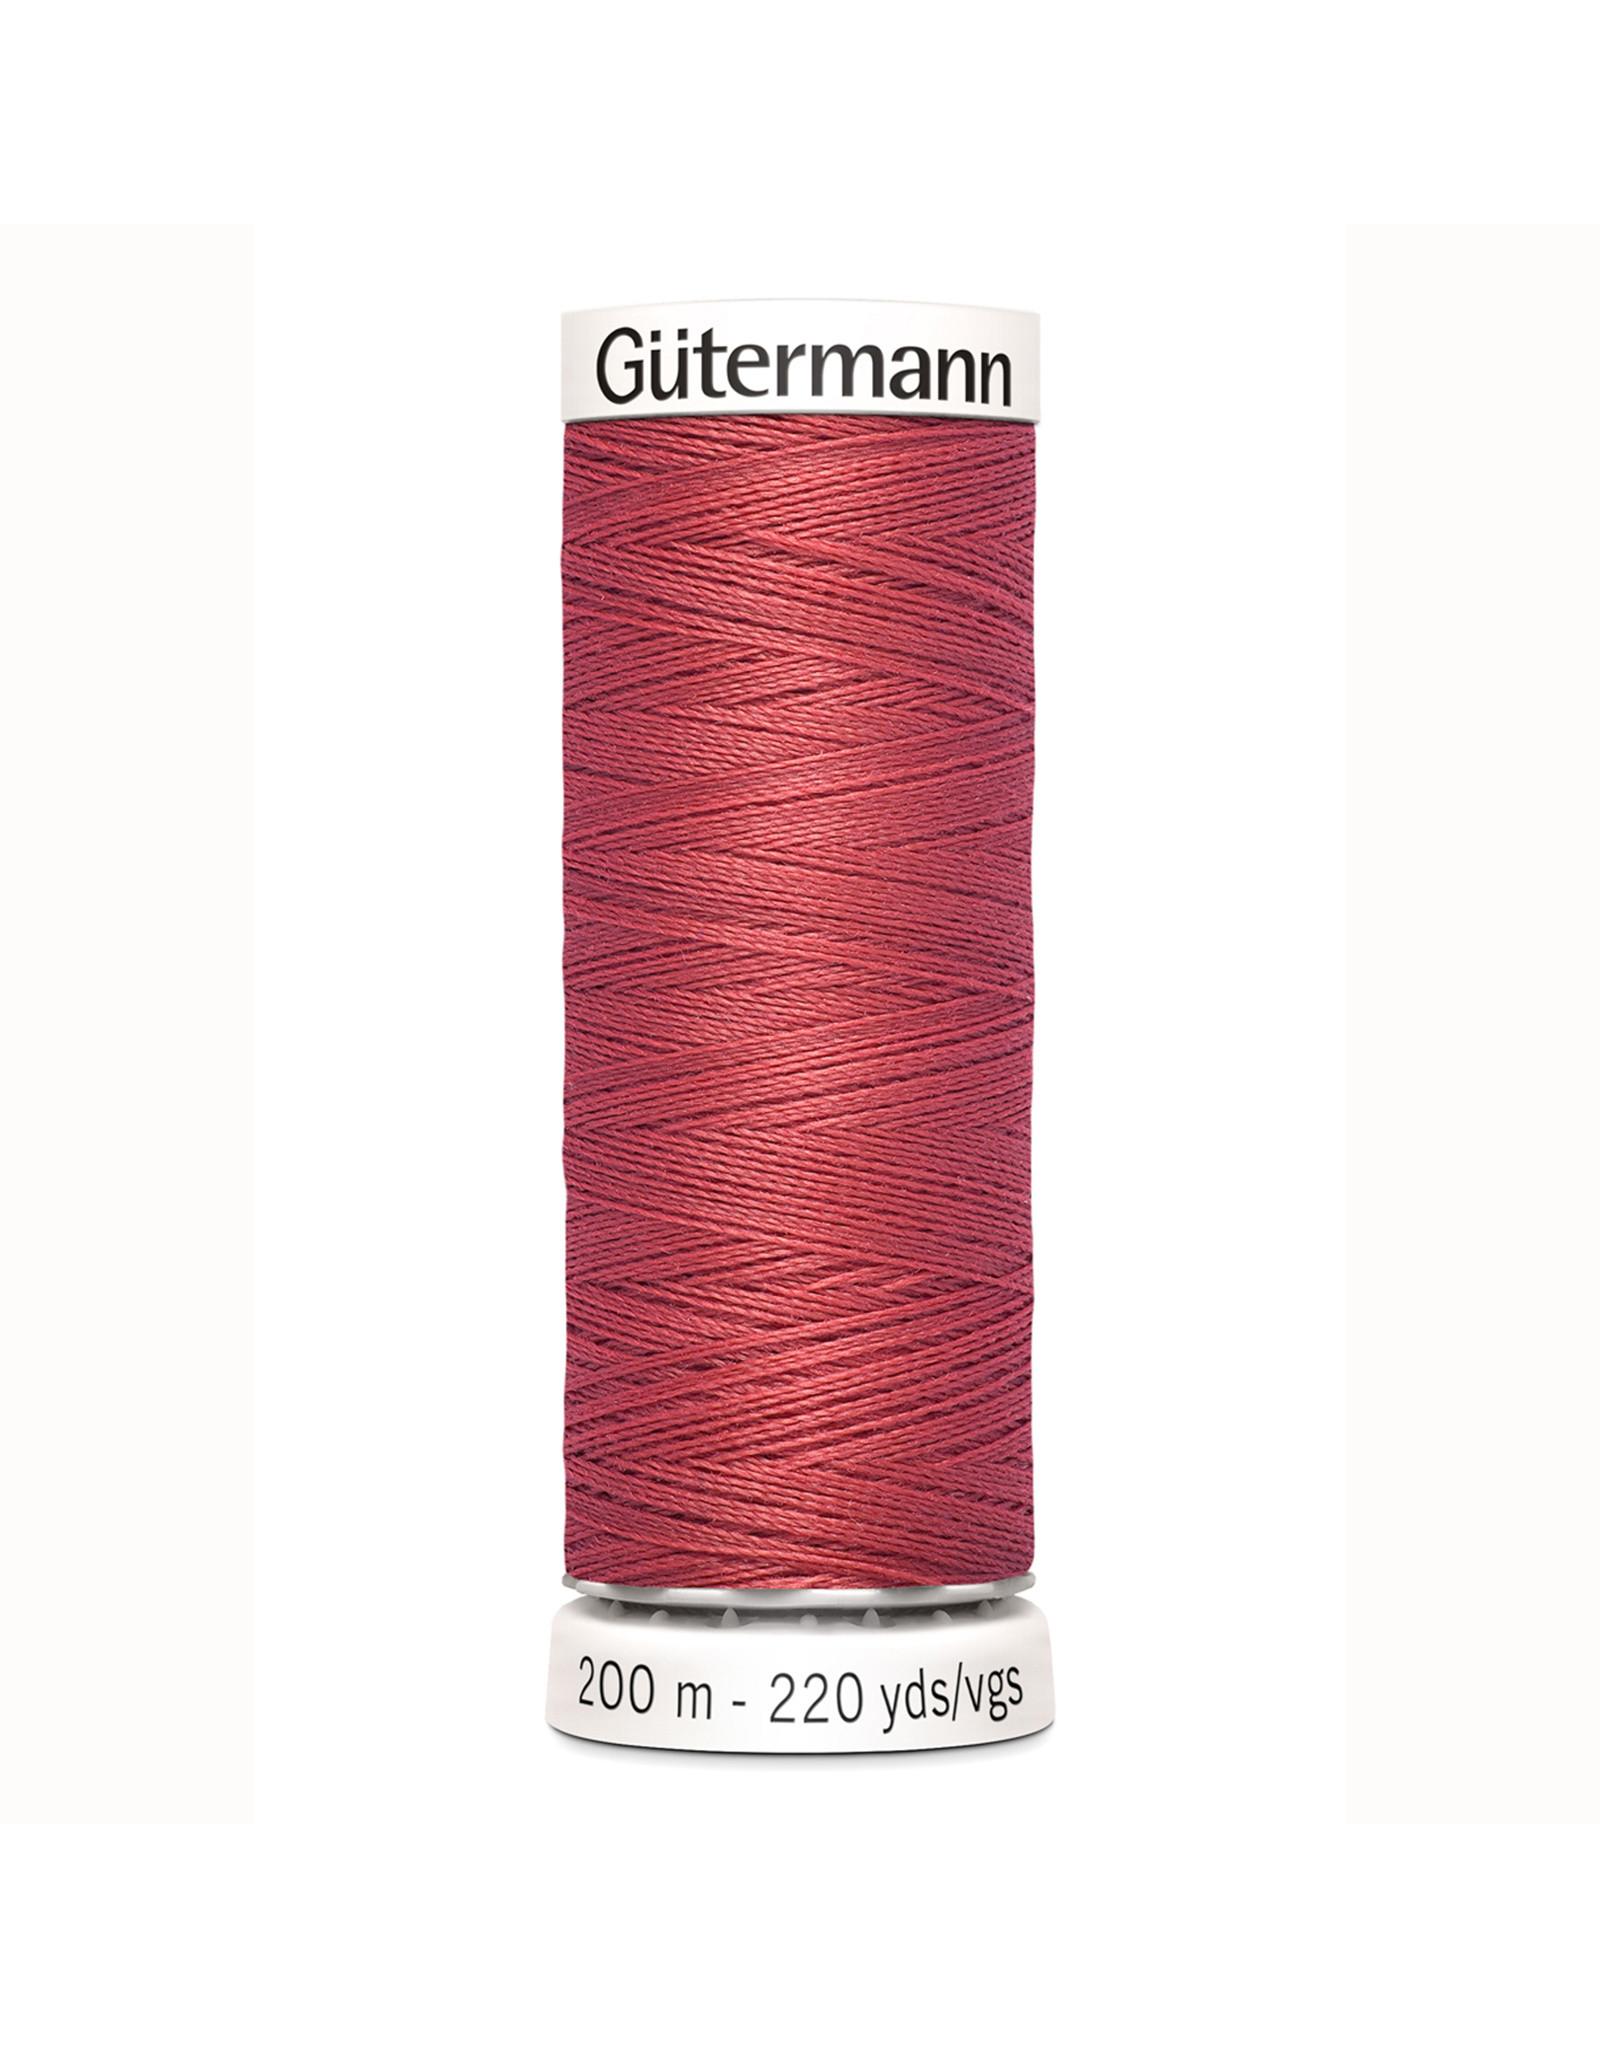 Gütermann Gütermann Nähgarn 200 m - nr 519